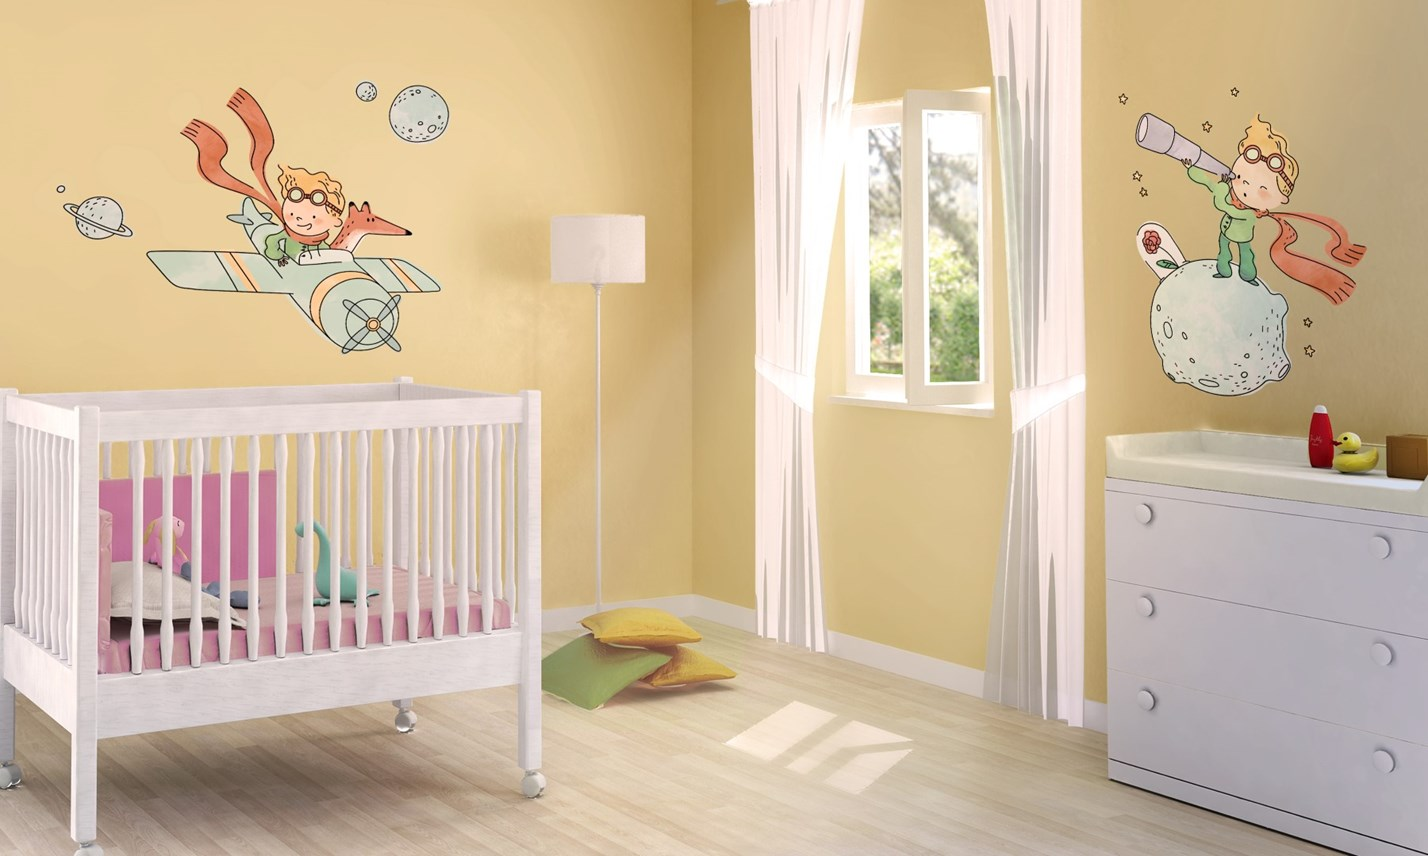 Dipinti Murali Per Camerette stickers murali bambini - cameretta il piccolo principe